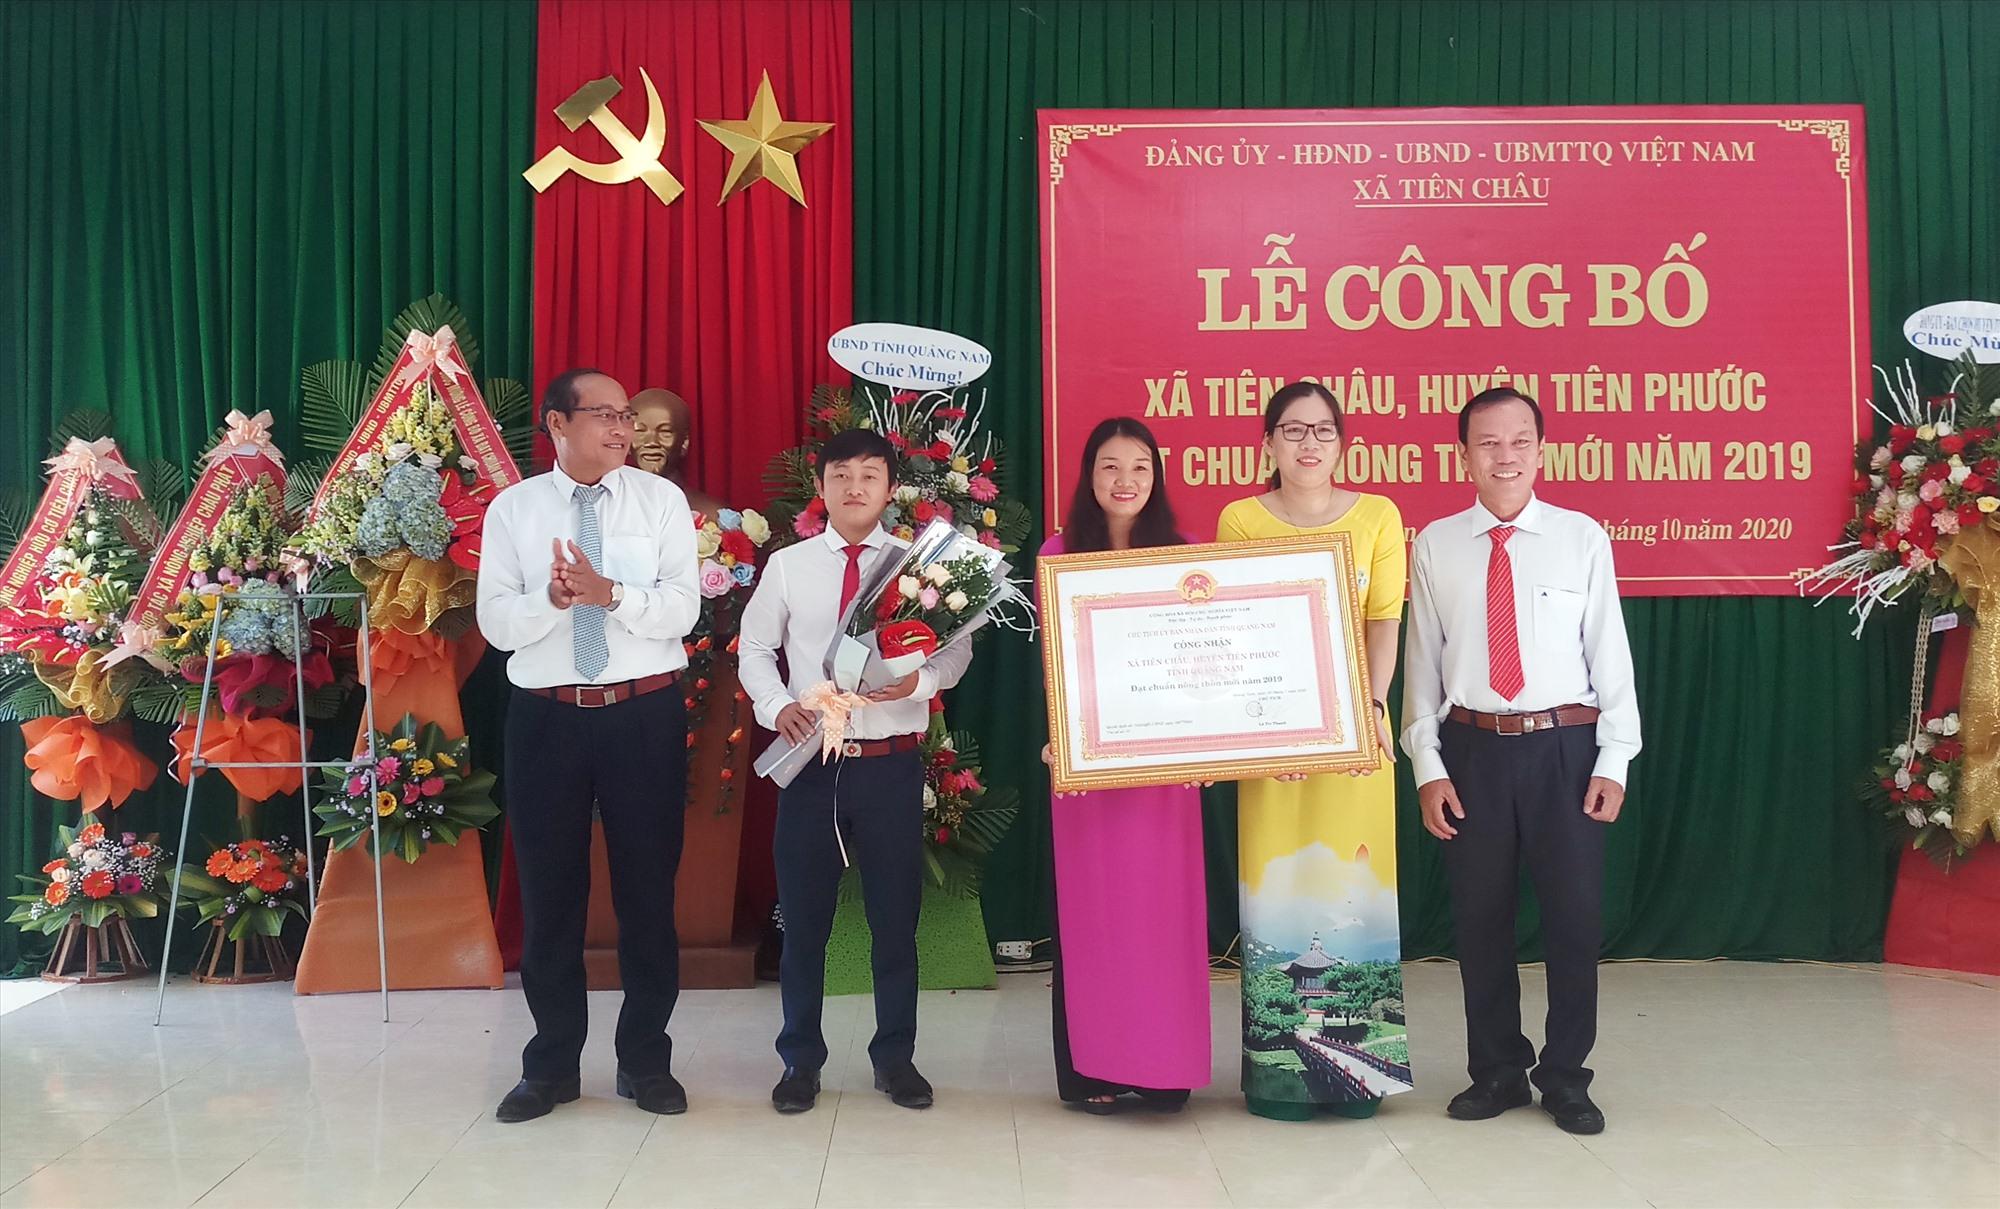 UBND tỉnh trao bằng công nhận xã đạt chuẩn nông thôn mới cho đơn vị xã Tiên Châu.